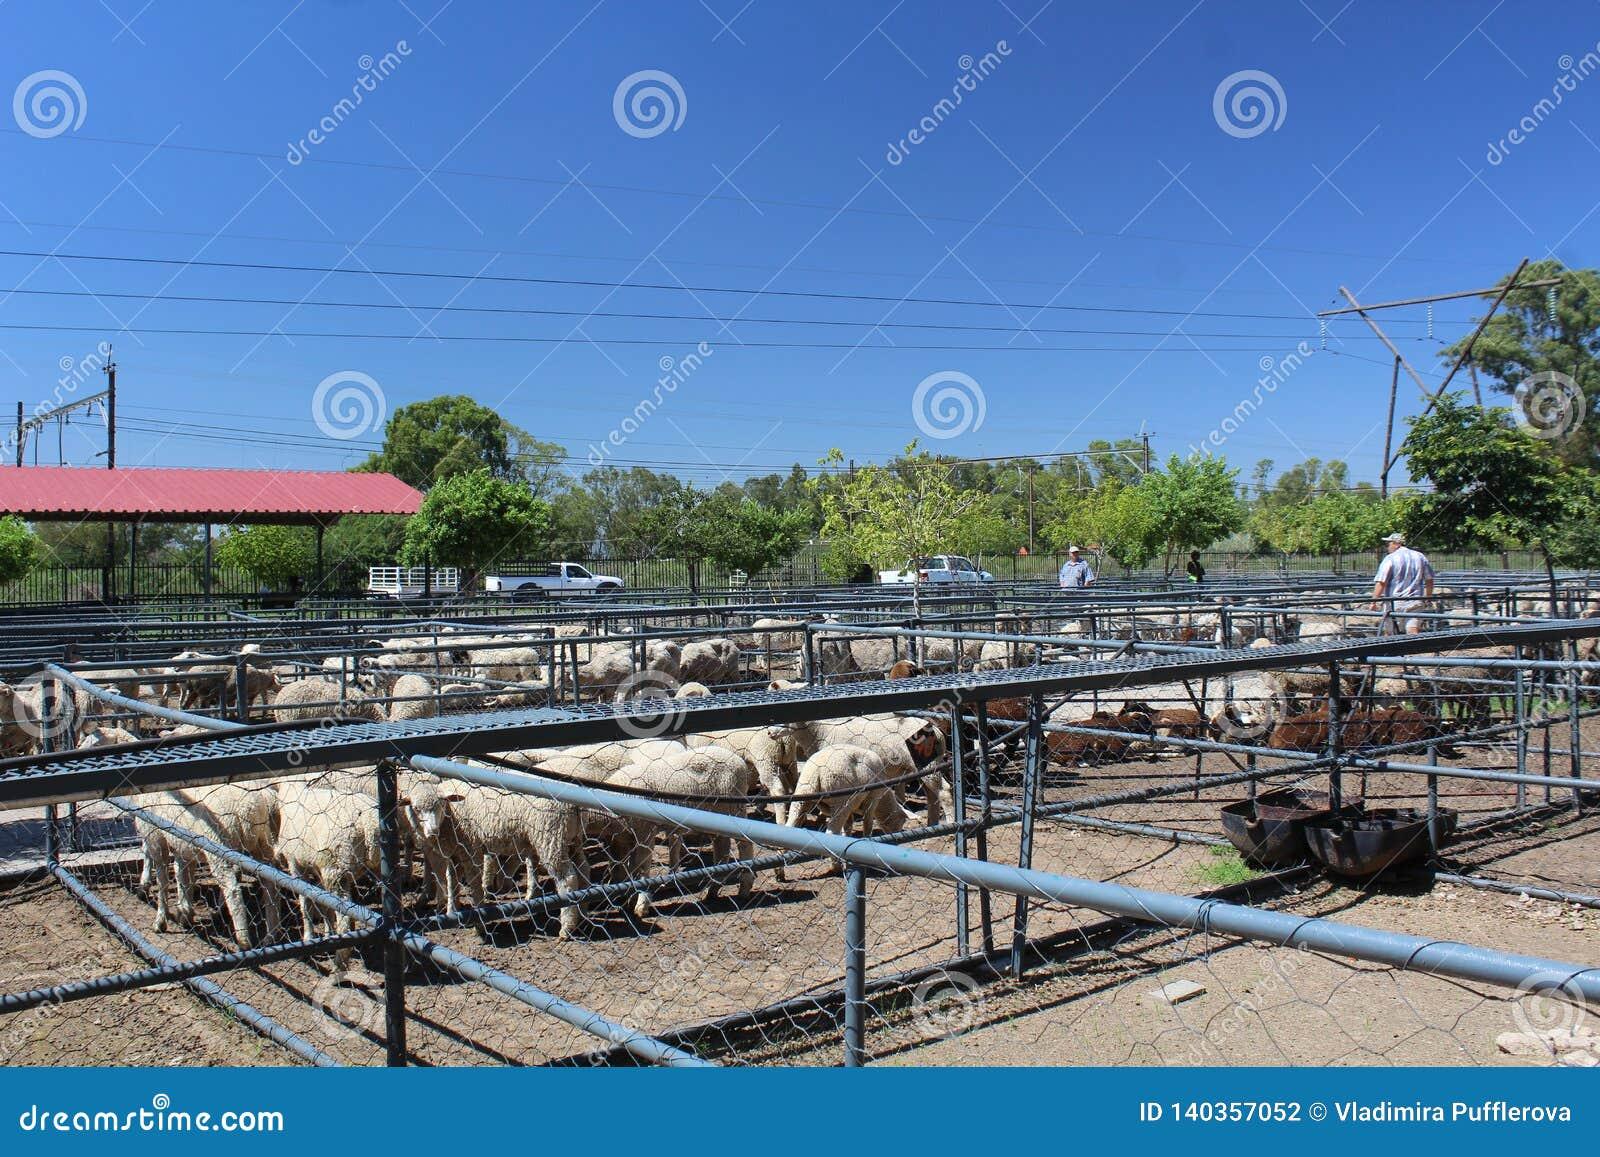 Πρόβατα που περιμένουν στα συνημμένα σε μια δημοπρασία του ζωικού κεφαλαίου στο Bloemfontein, Νότια Αφρική